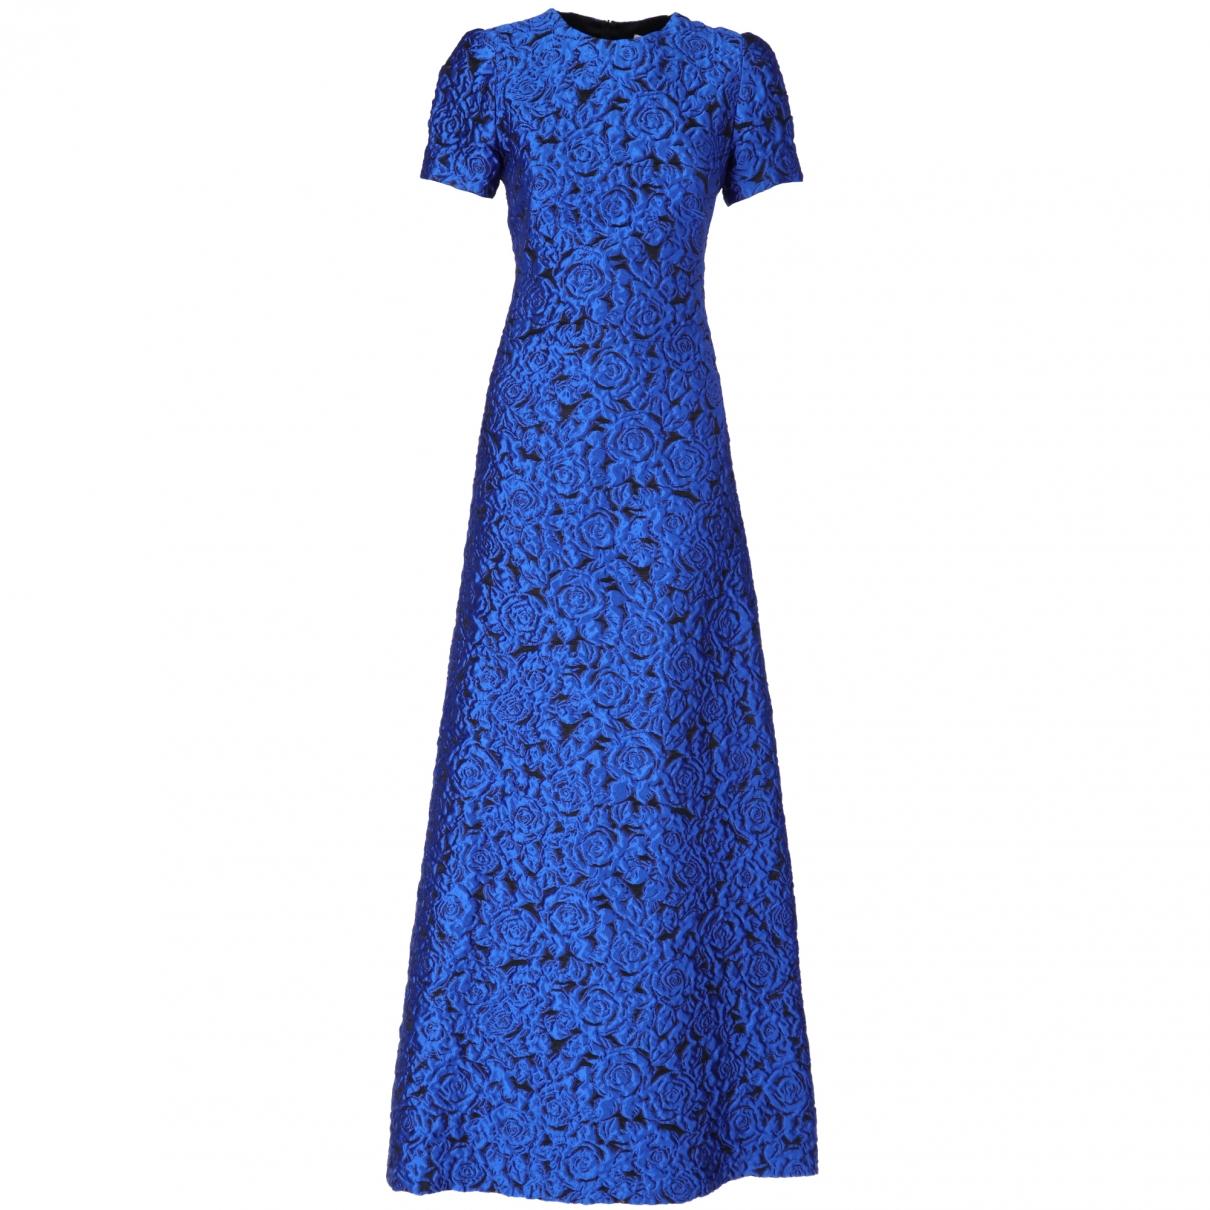 Alexander Terekhov \N Kleid in  Blau Synthetik